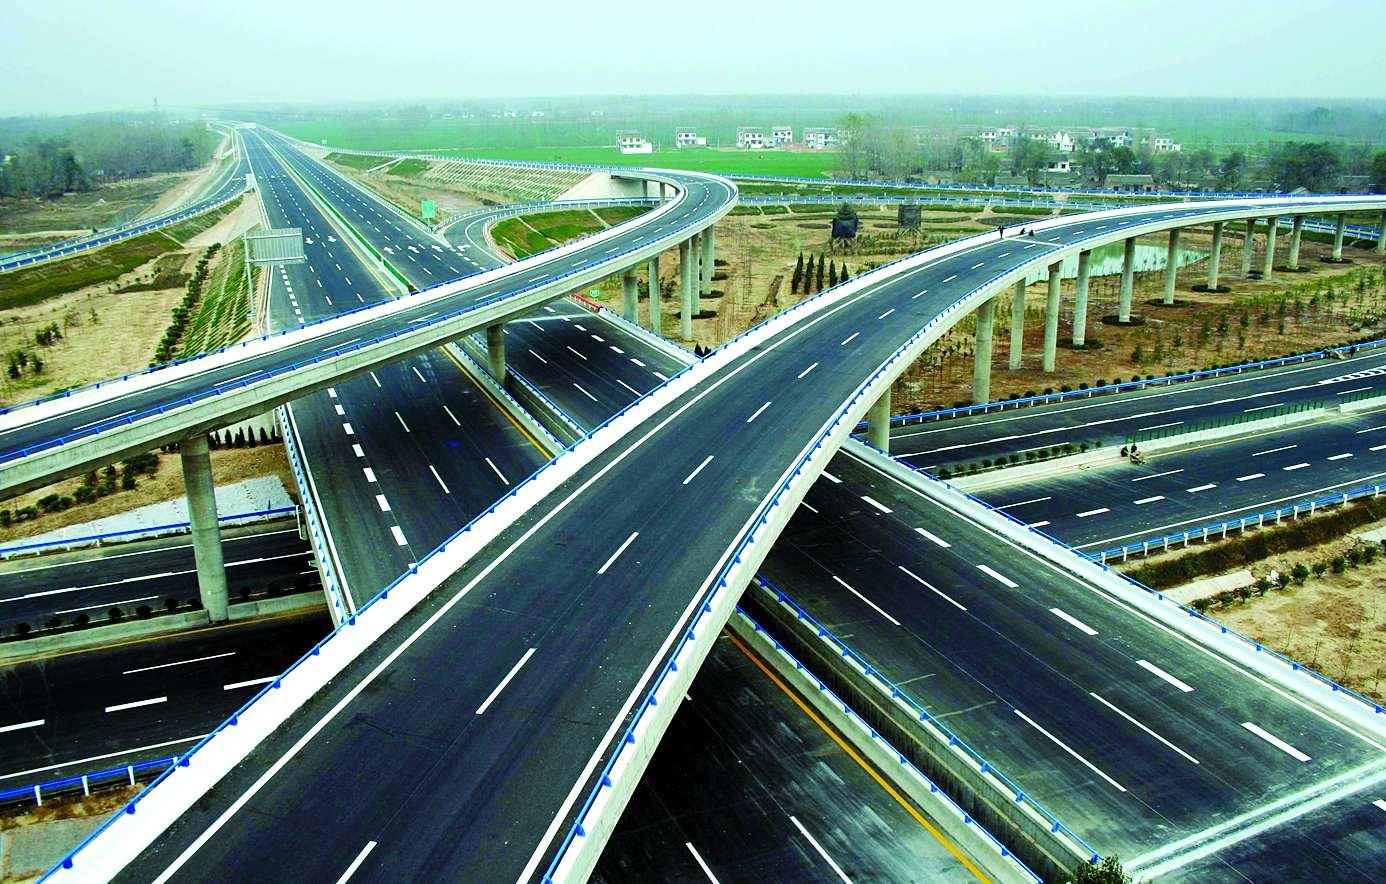 四川正打造的一条扶贫高速公路,耗资121亿,凉山州有福了